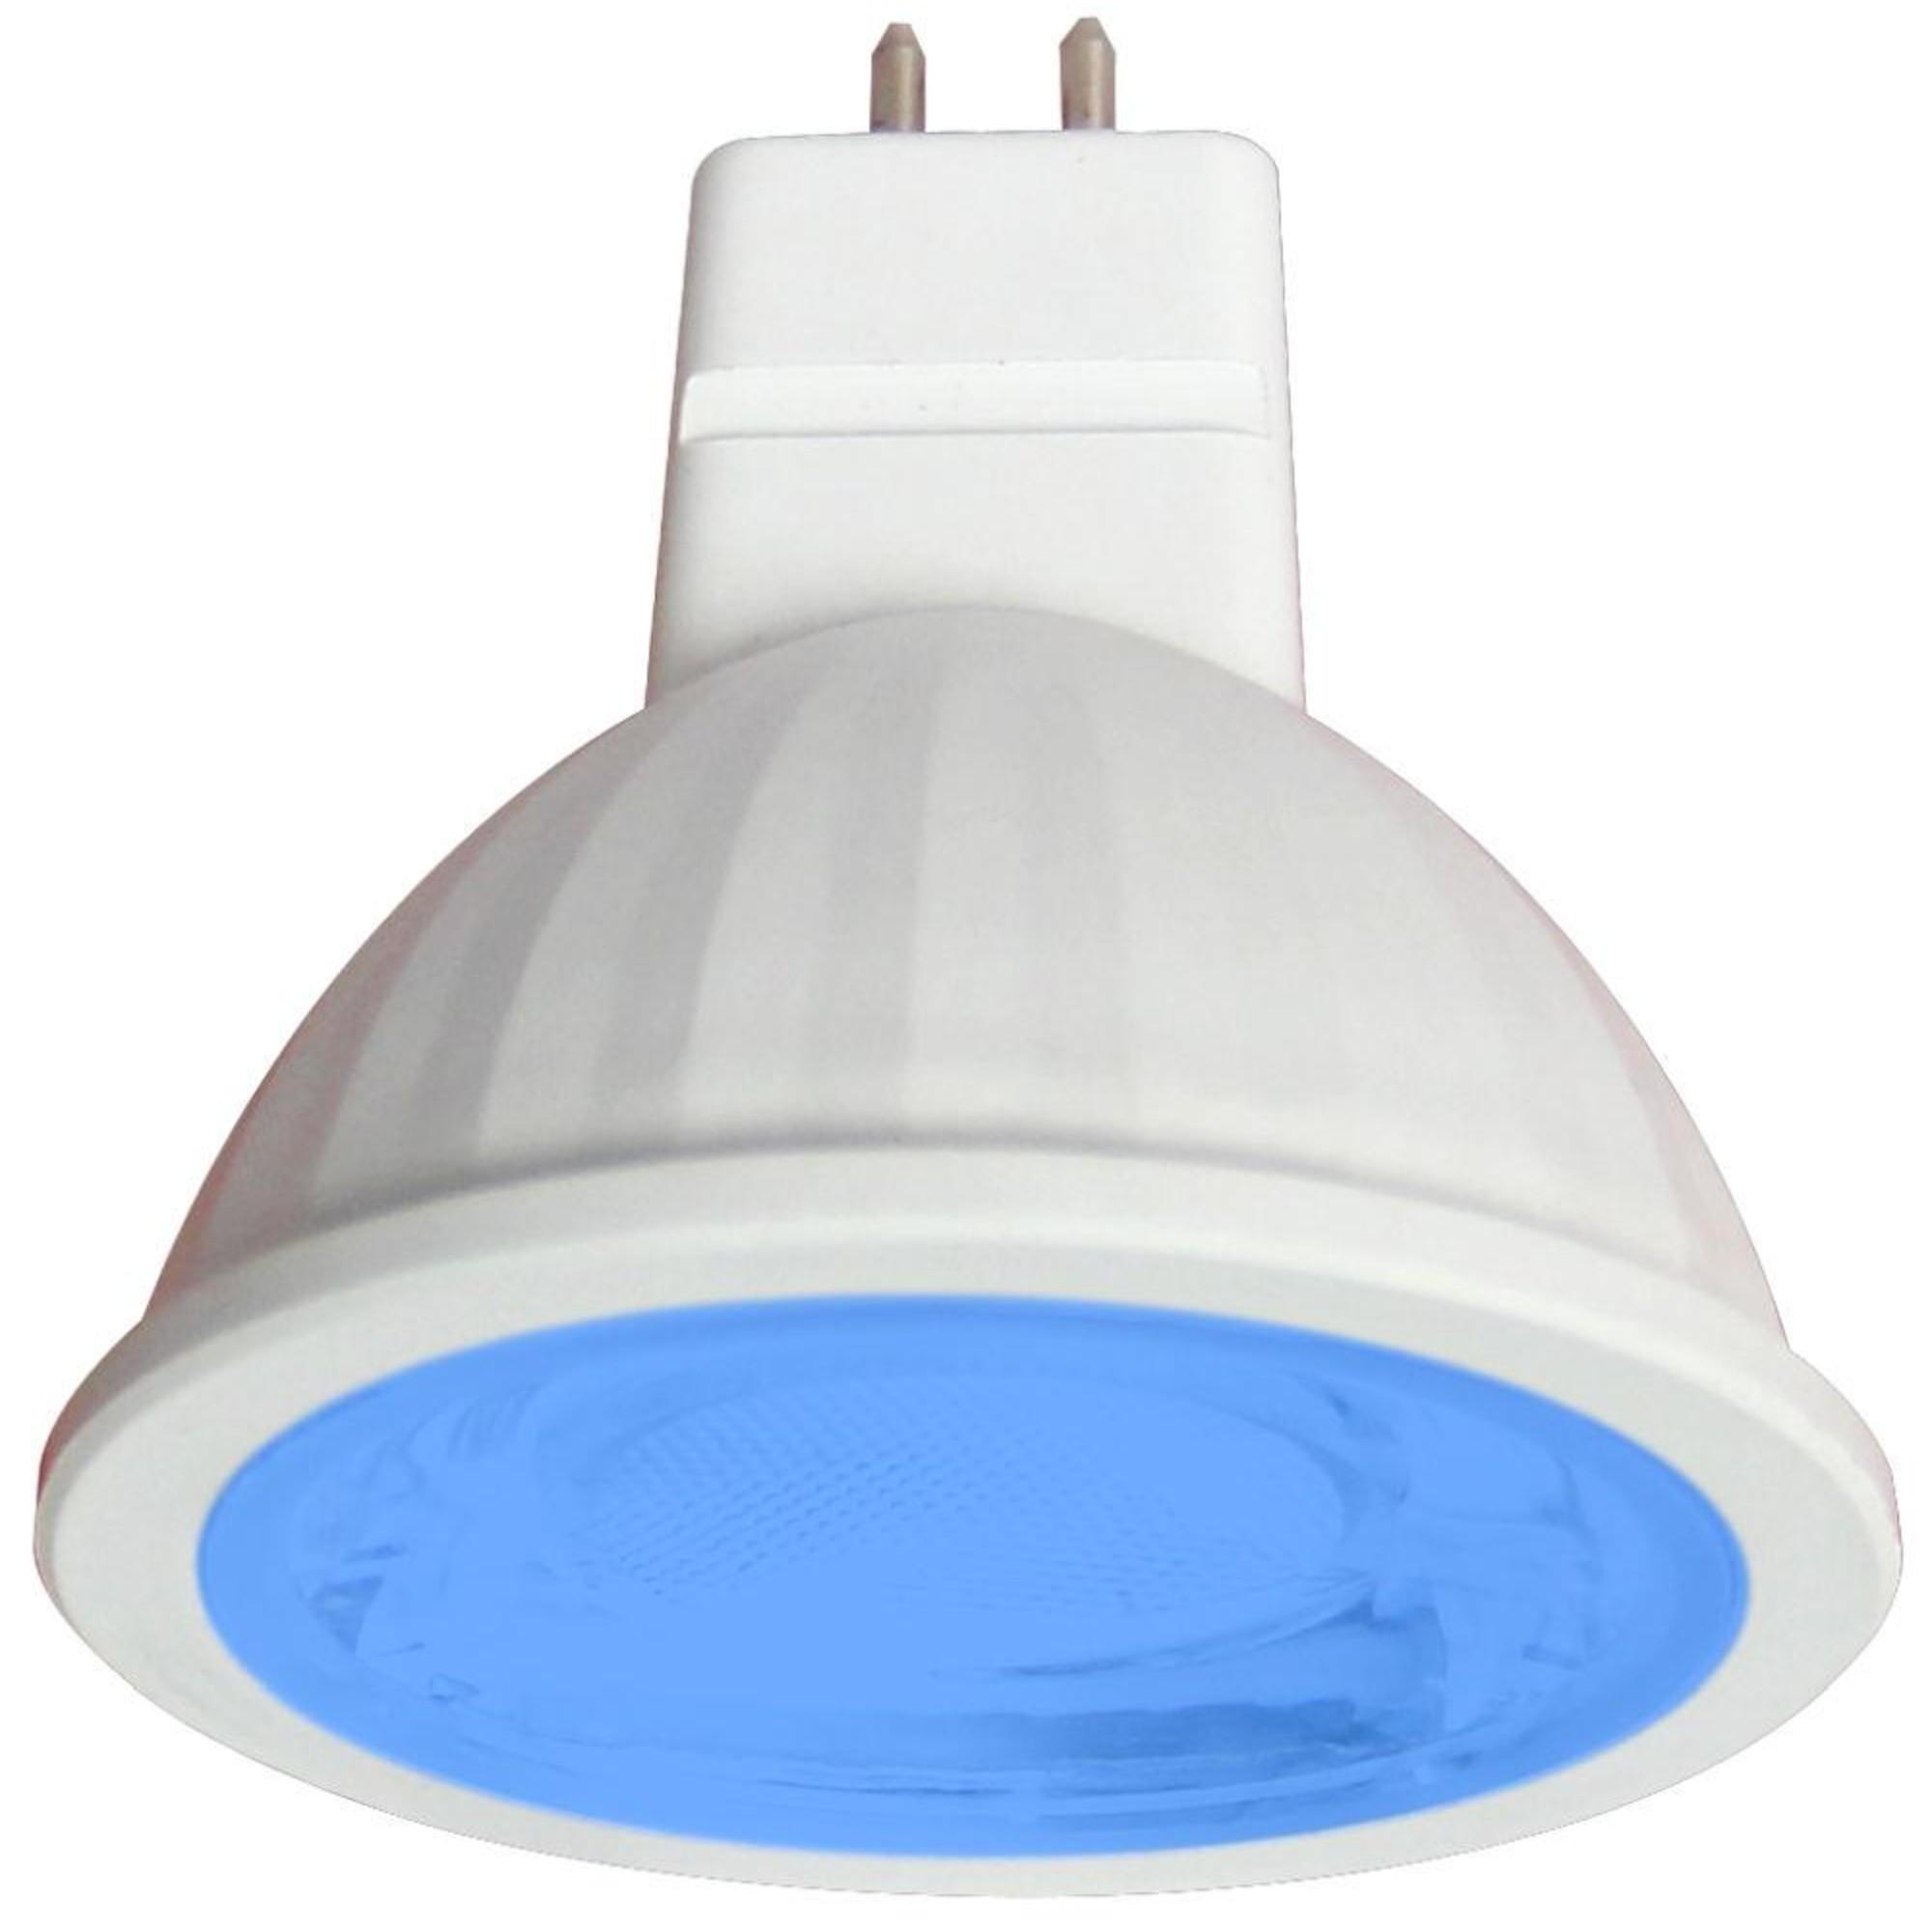 Лампа Ecola стандарт светодионая GU5.3 9 Вт рефлекторная 720 Лм холодный свет